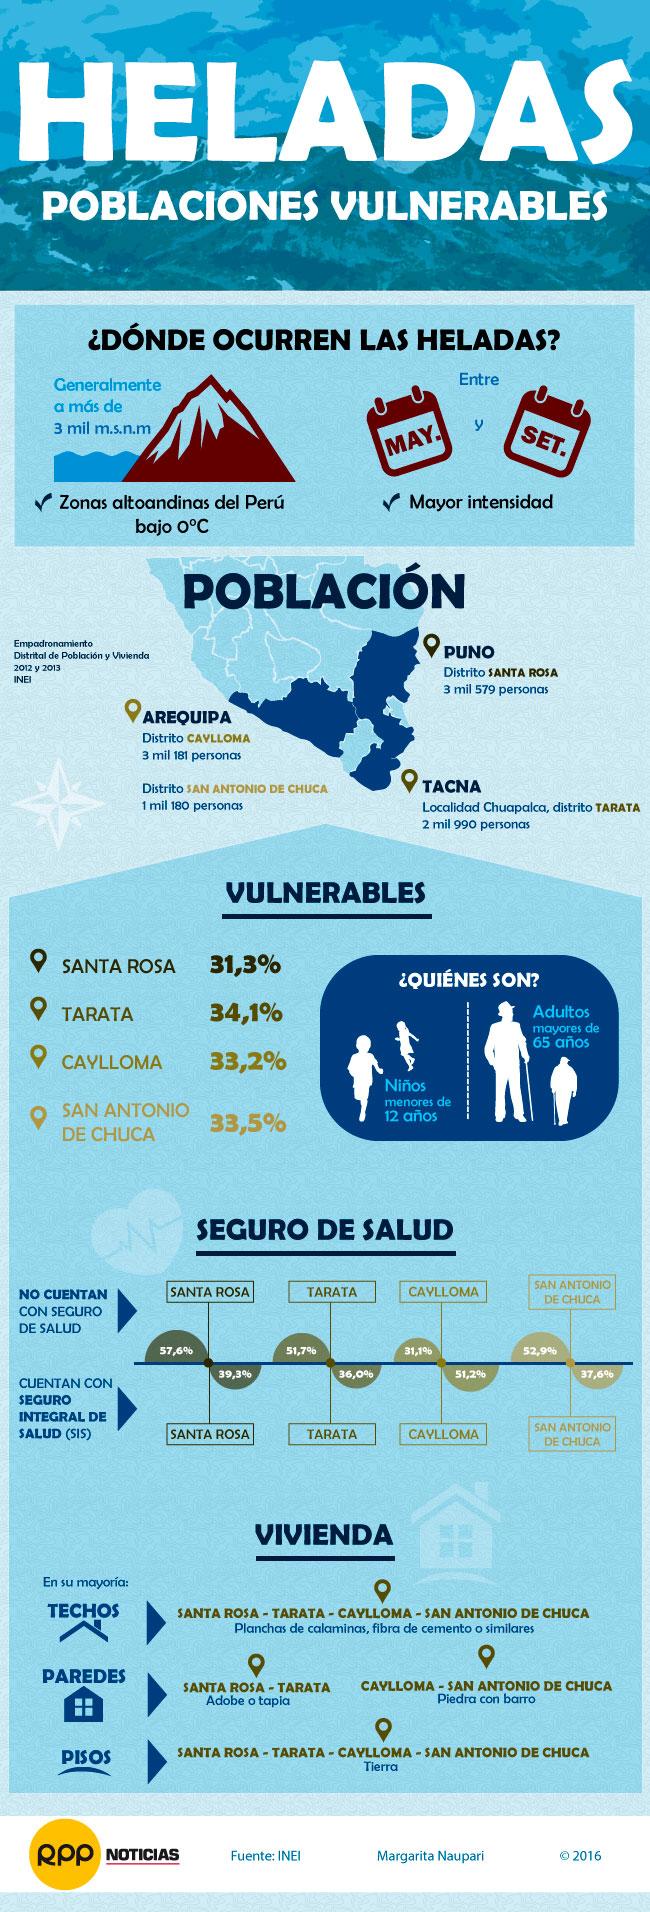 INEI: Zonas afectadas por heladas tiene a más del 30% de la población en edad vulnerable